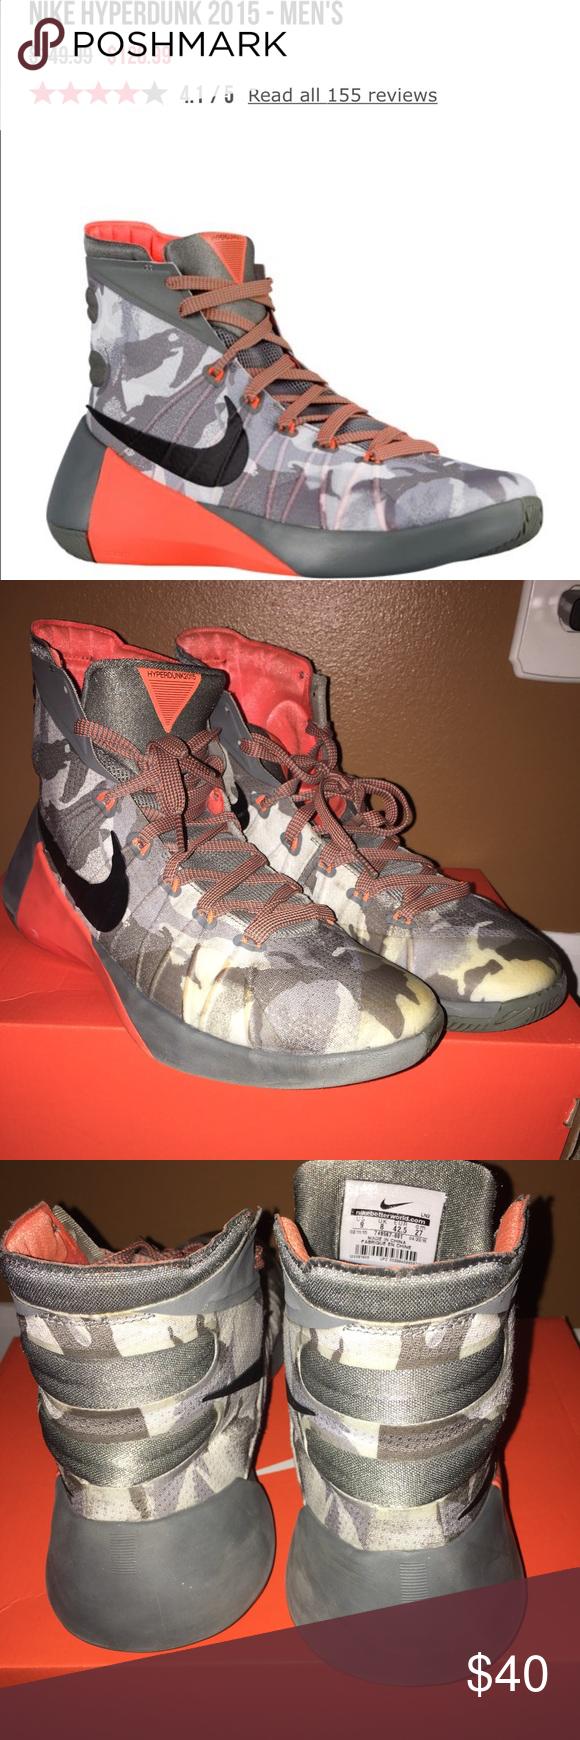 8daf95230a4a Nike Men s Hyperdunk Sneakers Nike Men s Hyperdunk 2015 PRM EP ...